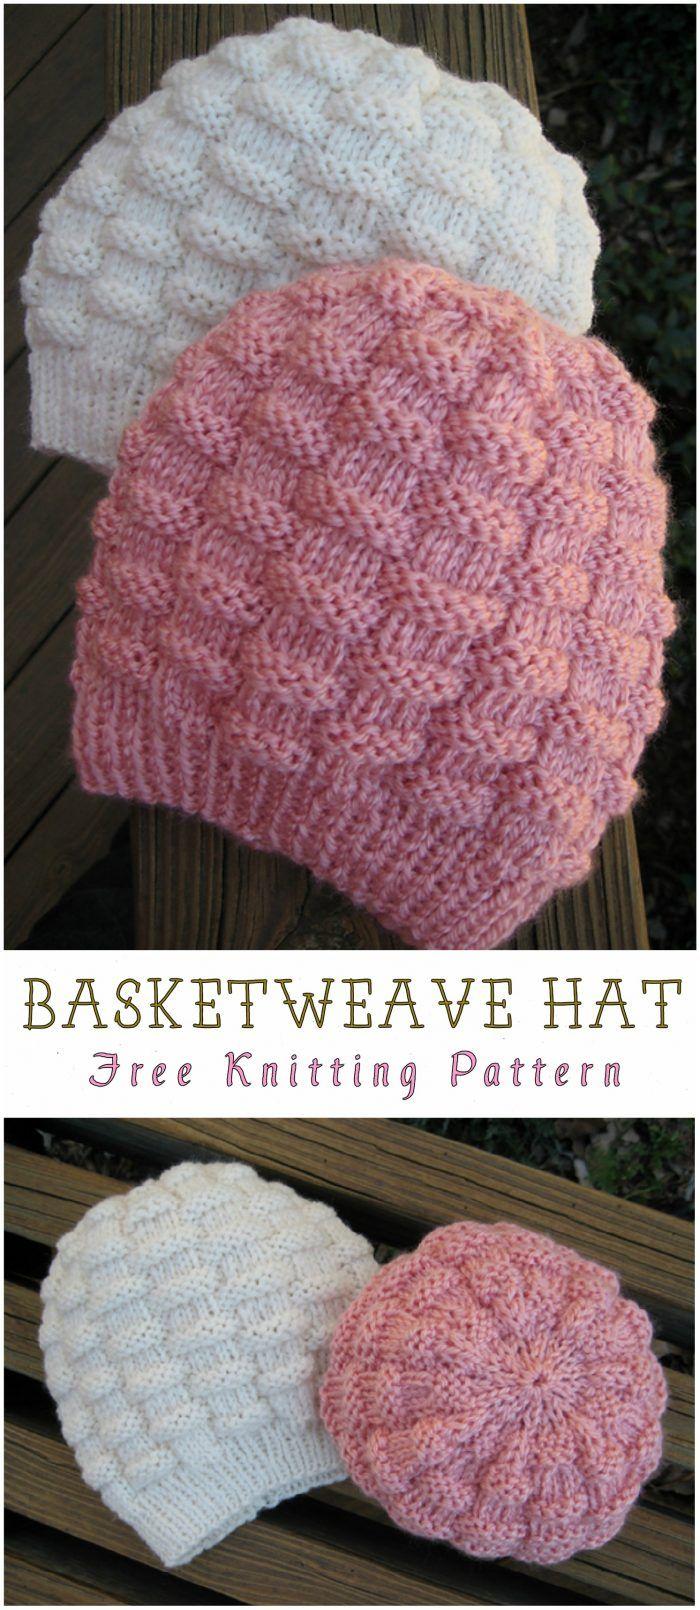 Basketweave Hat Free Knitting Pattern - Yarnandhooks